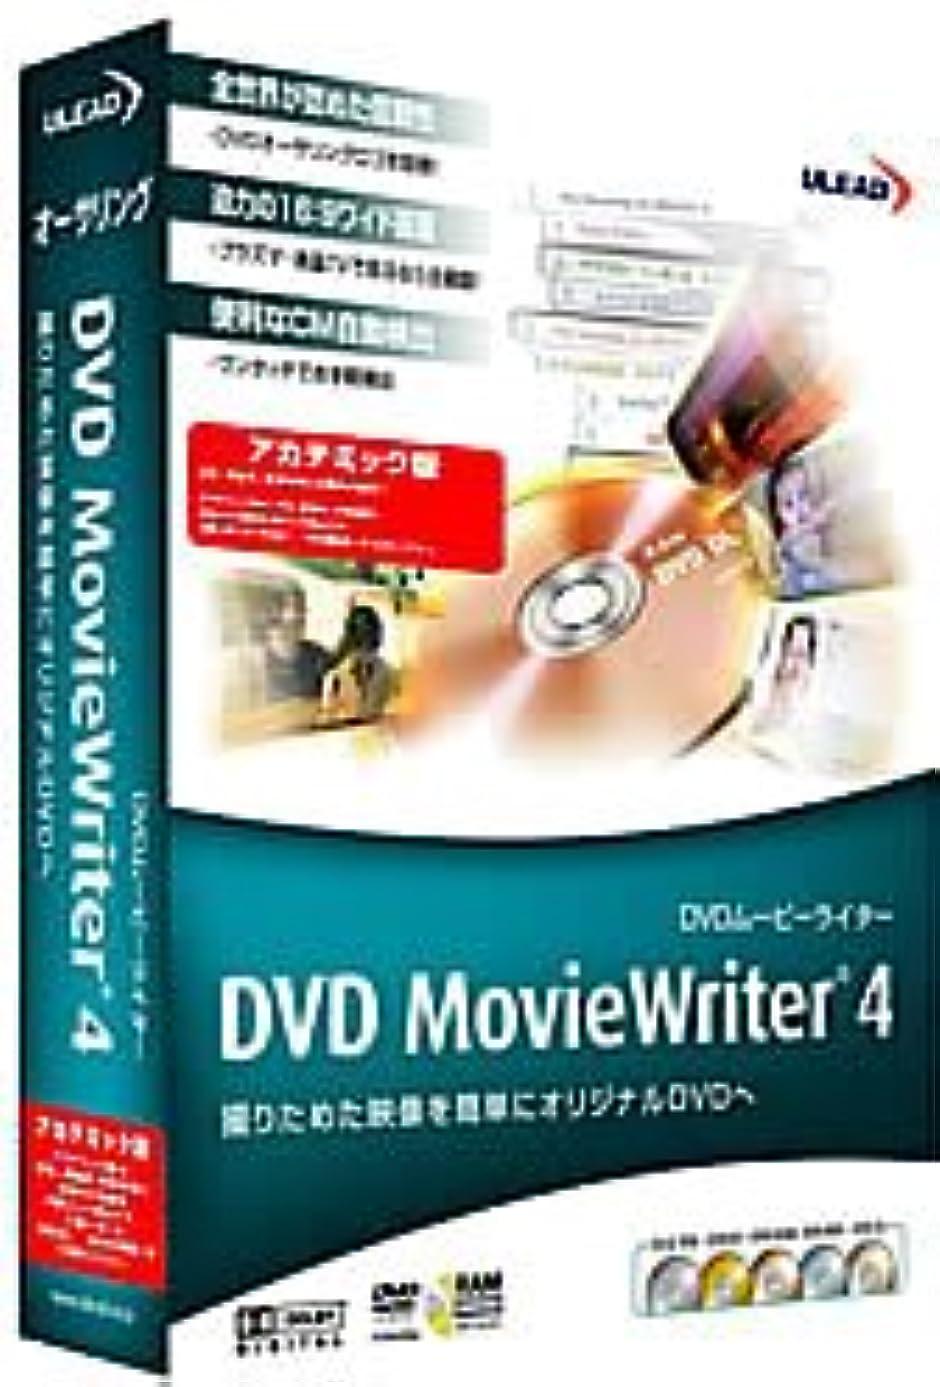 DVD Movie Writer 4 アカデミック版